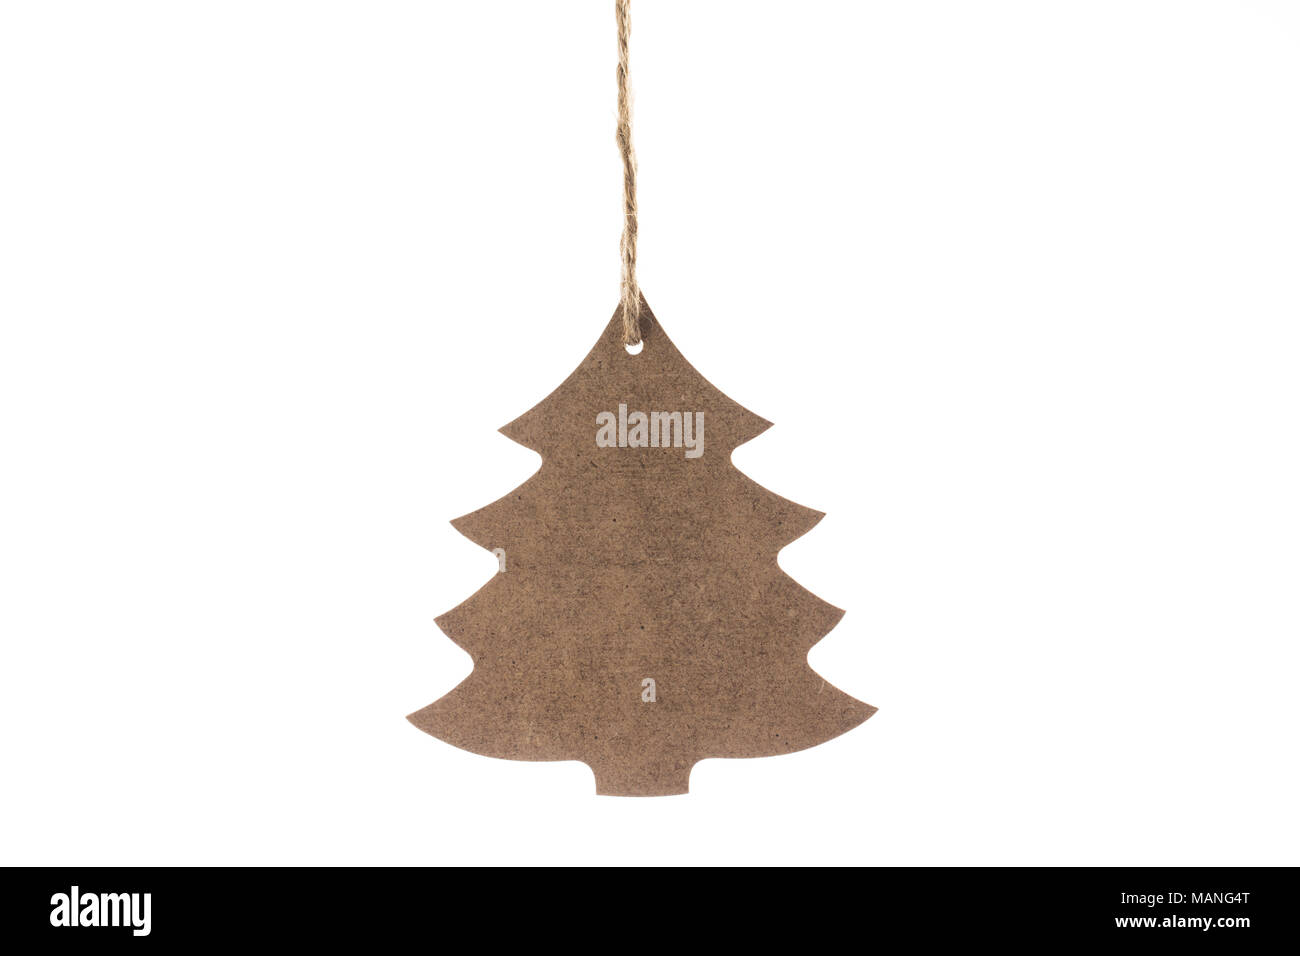 Decorazioni In Legno Per Albero Di Natale : In legno di albero di natale con stella per decorazione isolato su